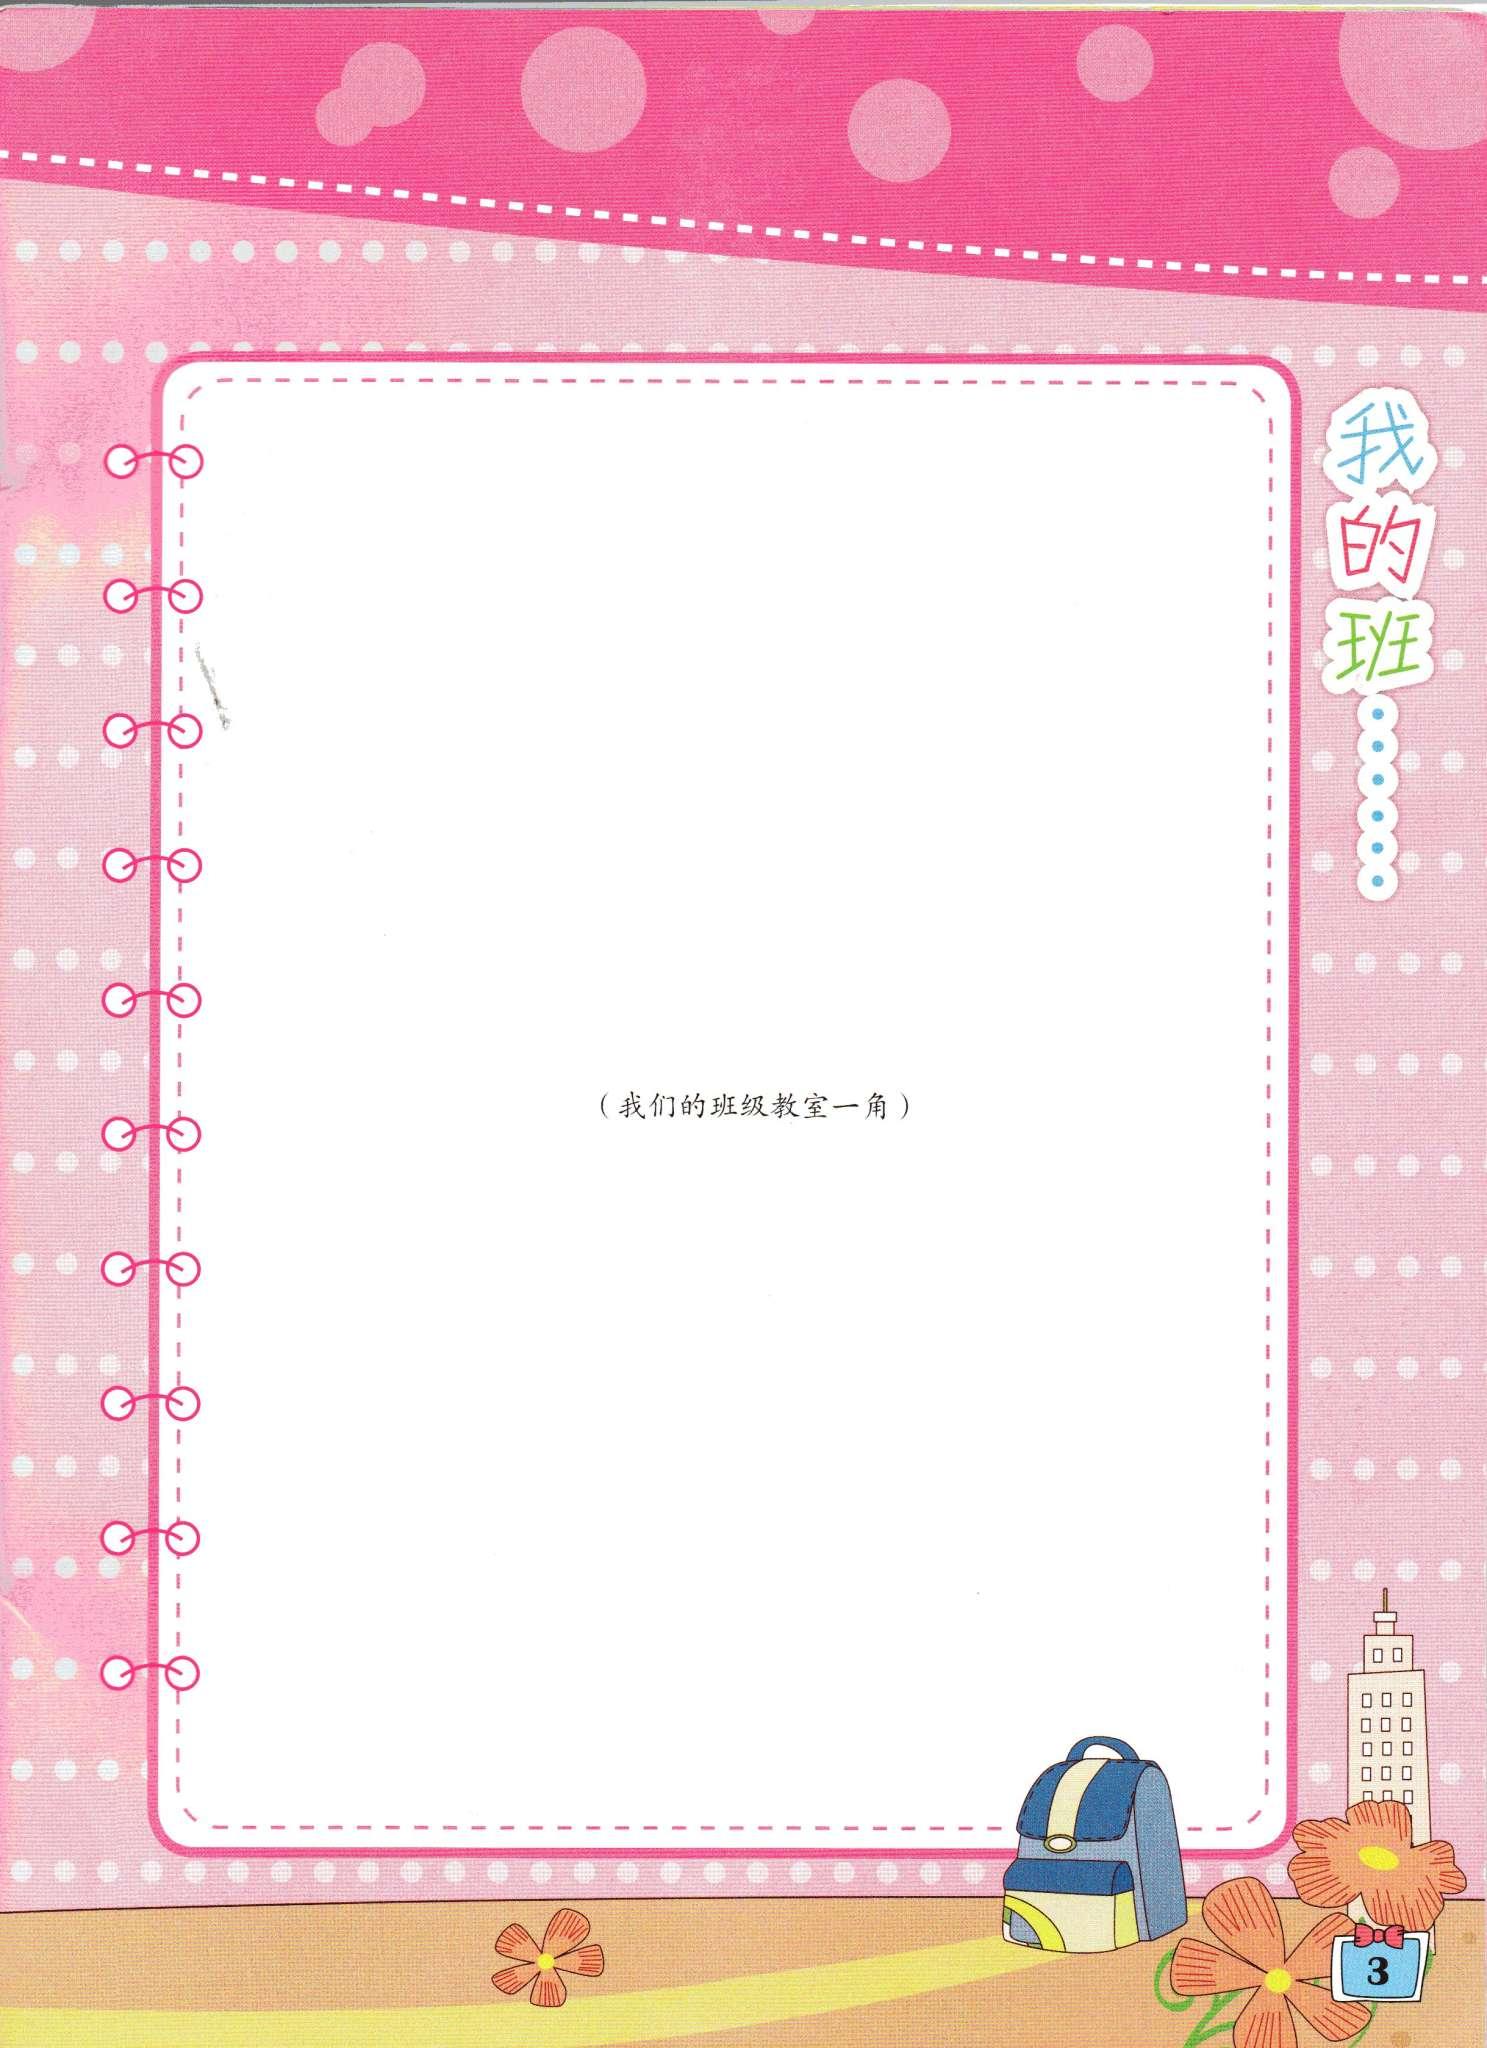 幼儿毕业纪念册 - 贵州德信文化教育科技欢迎您!